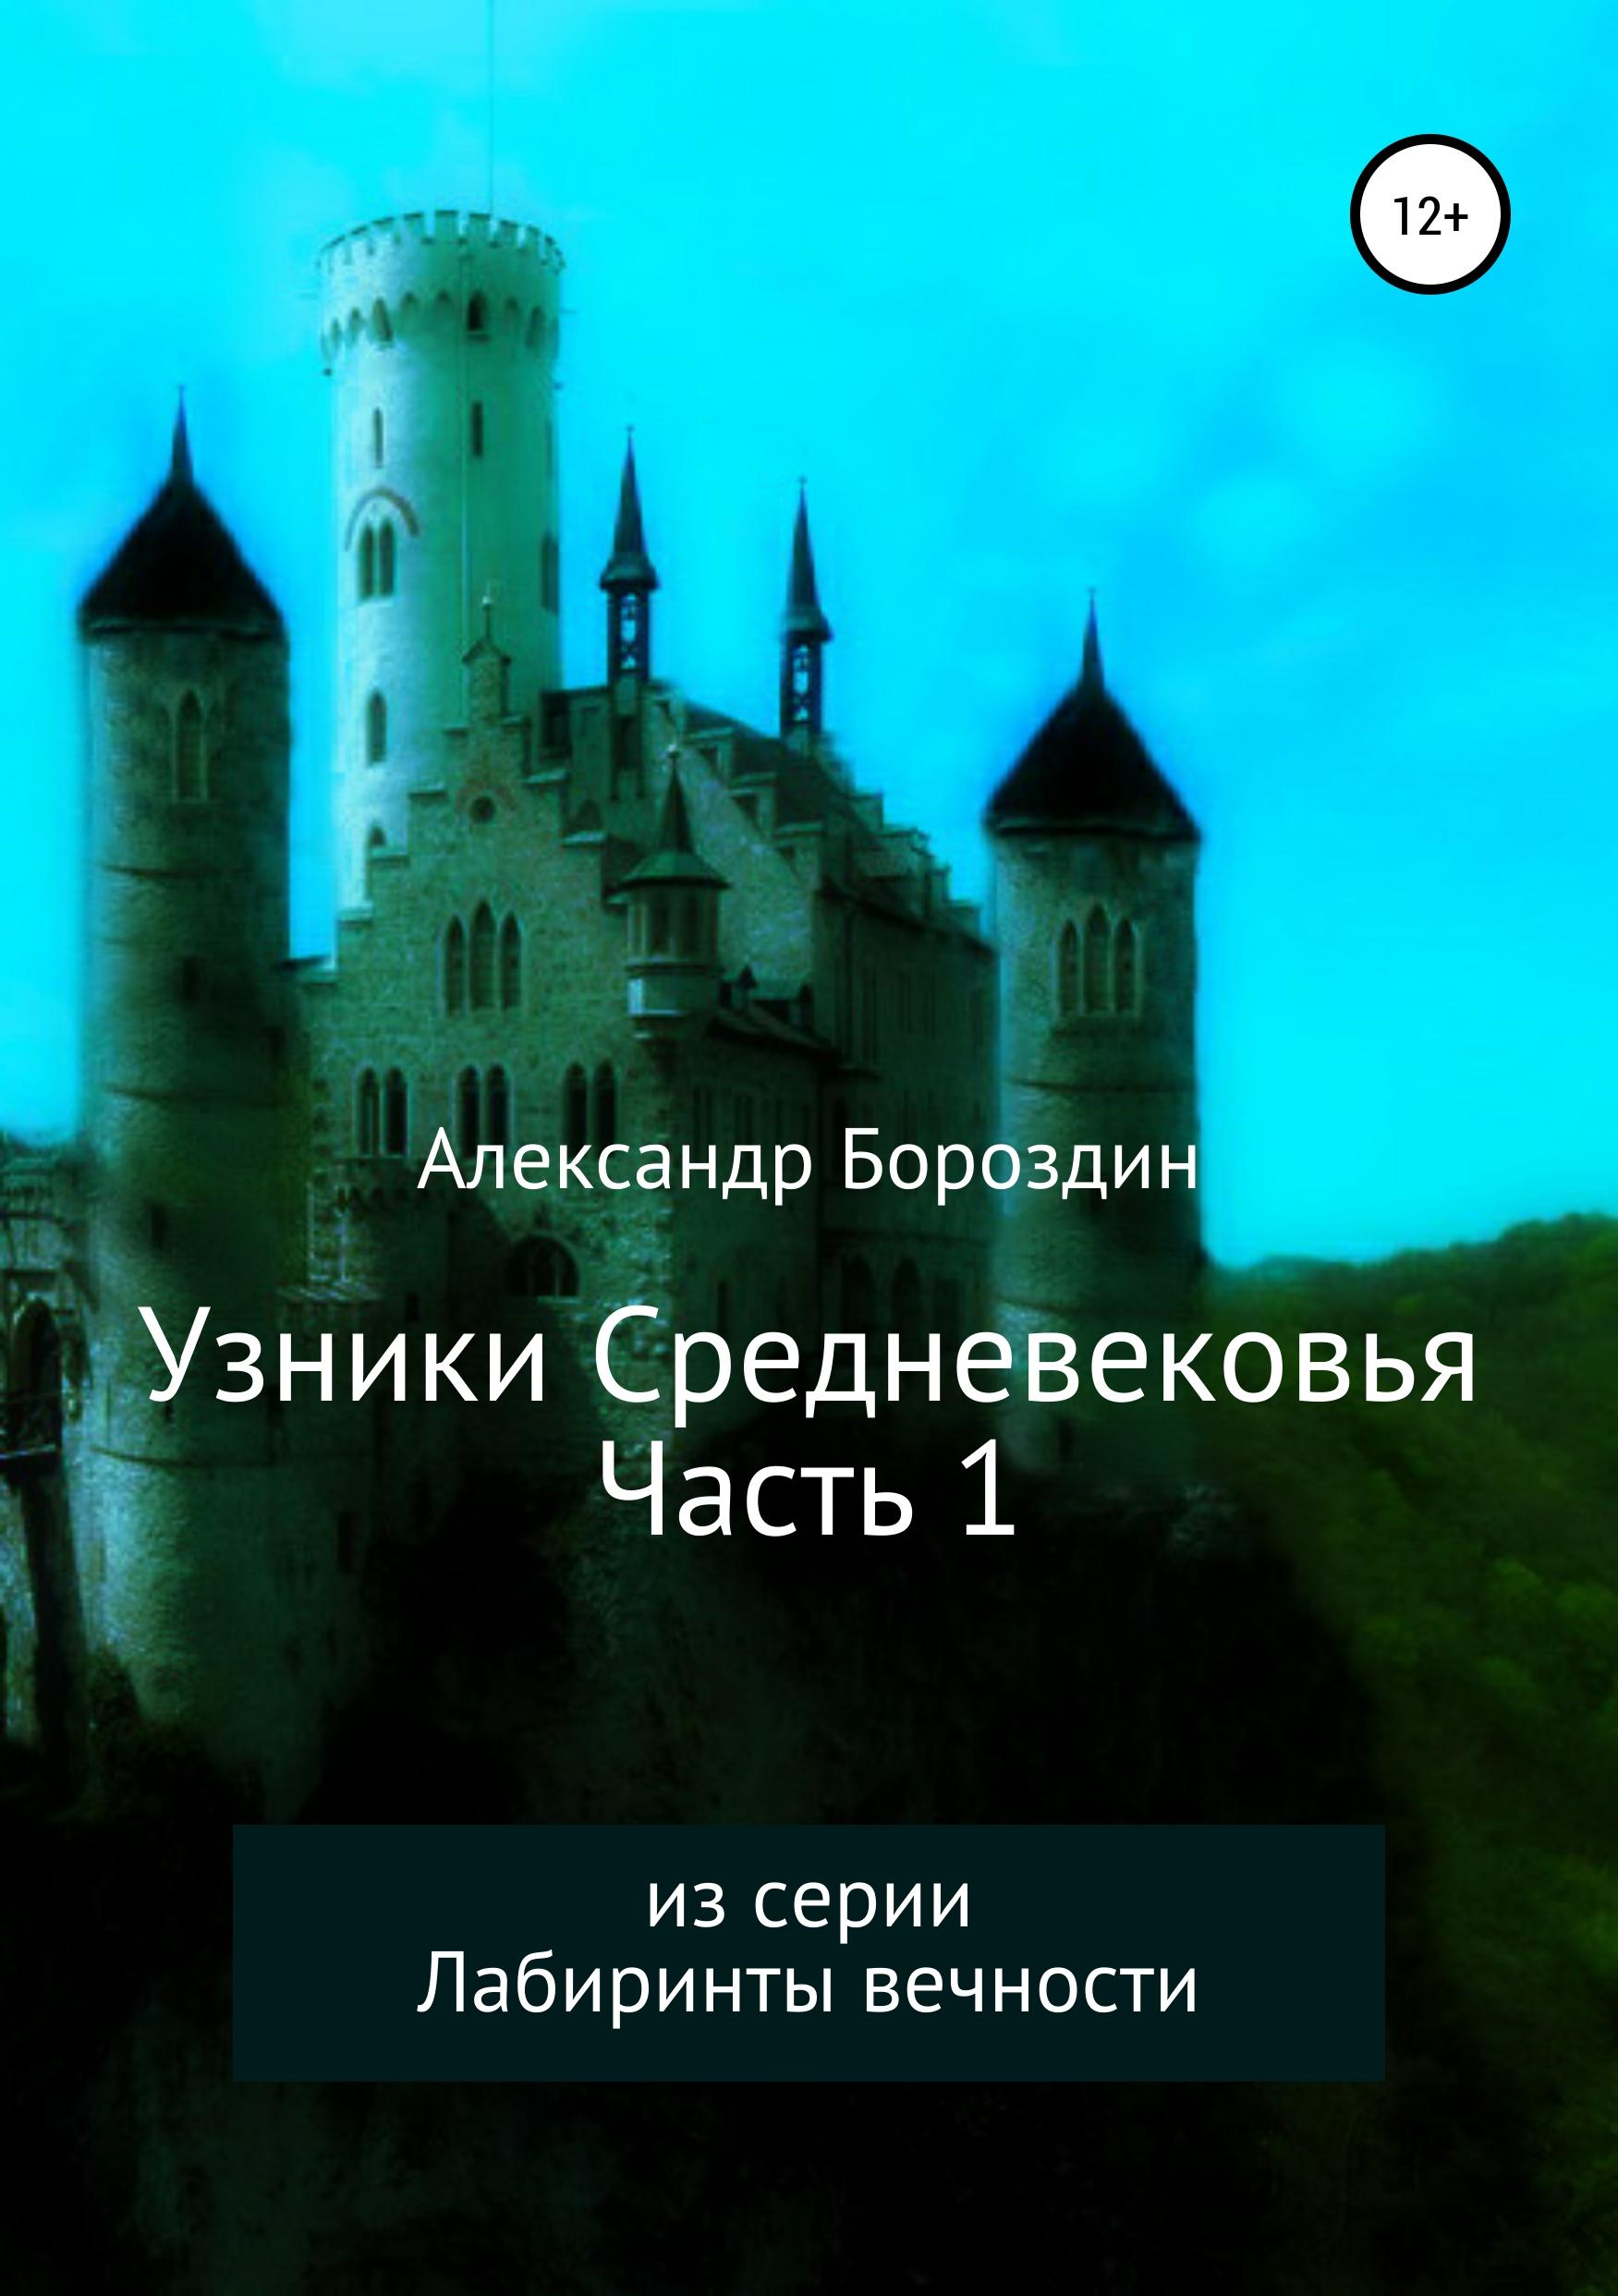 Узники Средневековья. Часть 1